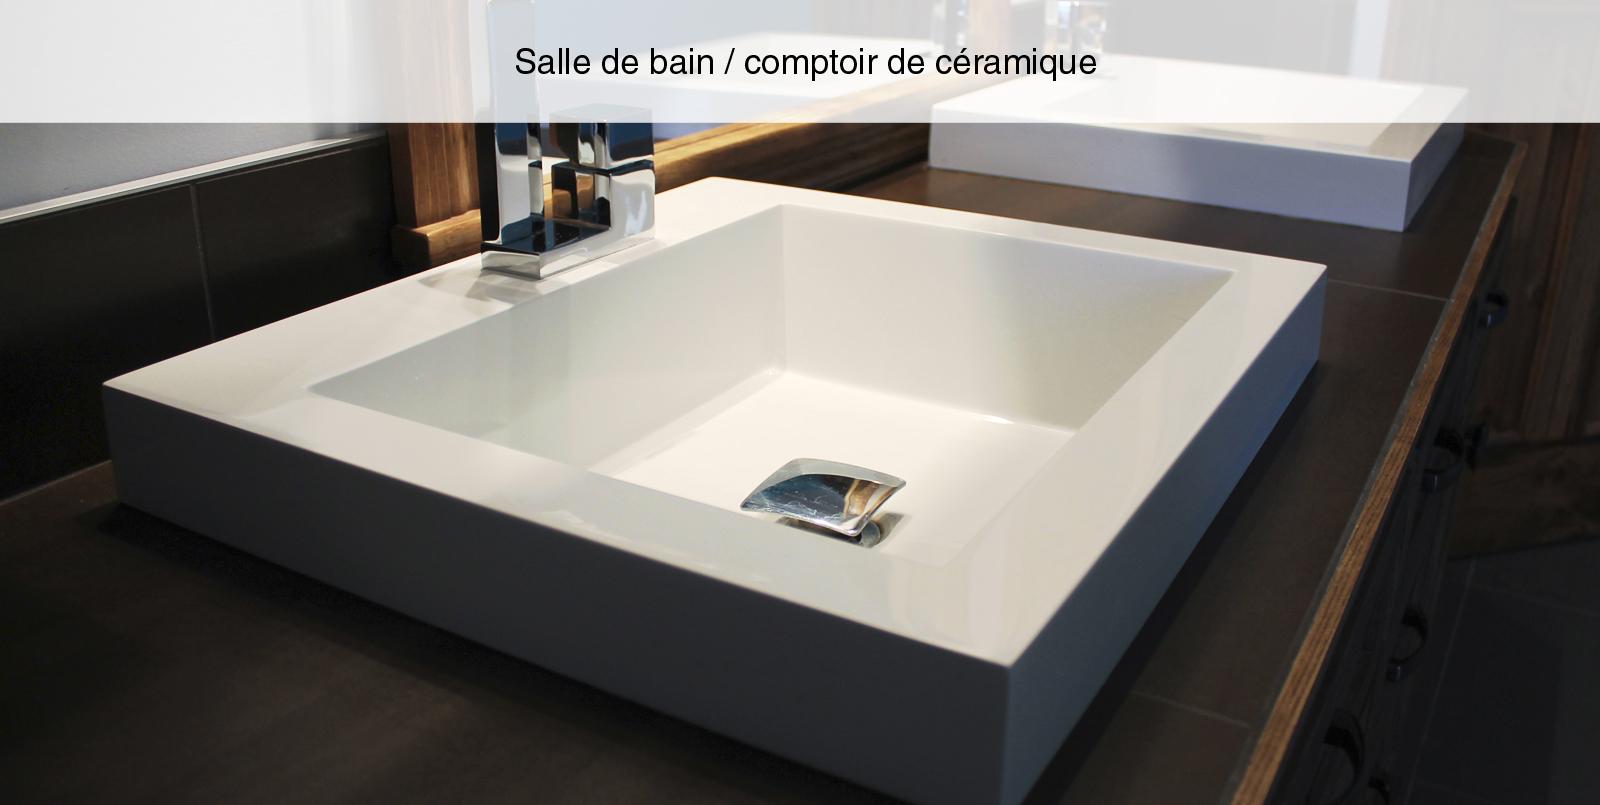 48-1-PANACHE-CONSTRUCTION-RENOVATION-SALLE-DE-BAIN-EVIER-COMPTOIR-CERAMIQUE